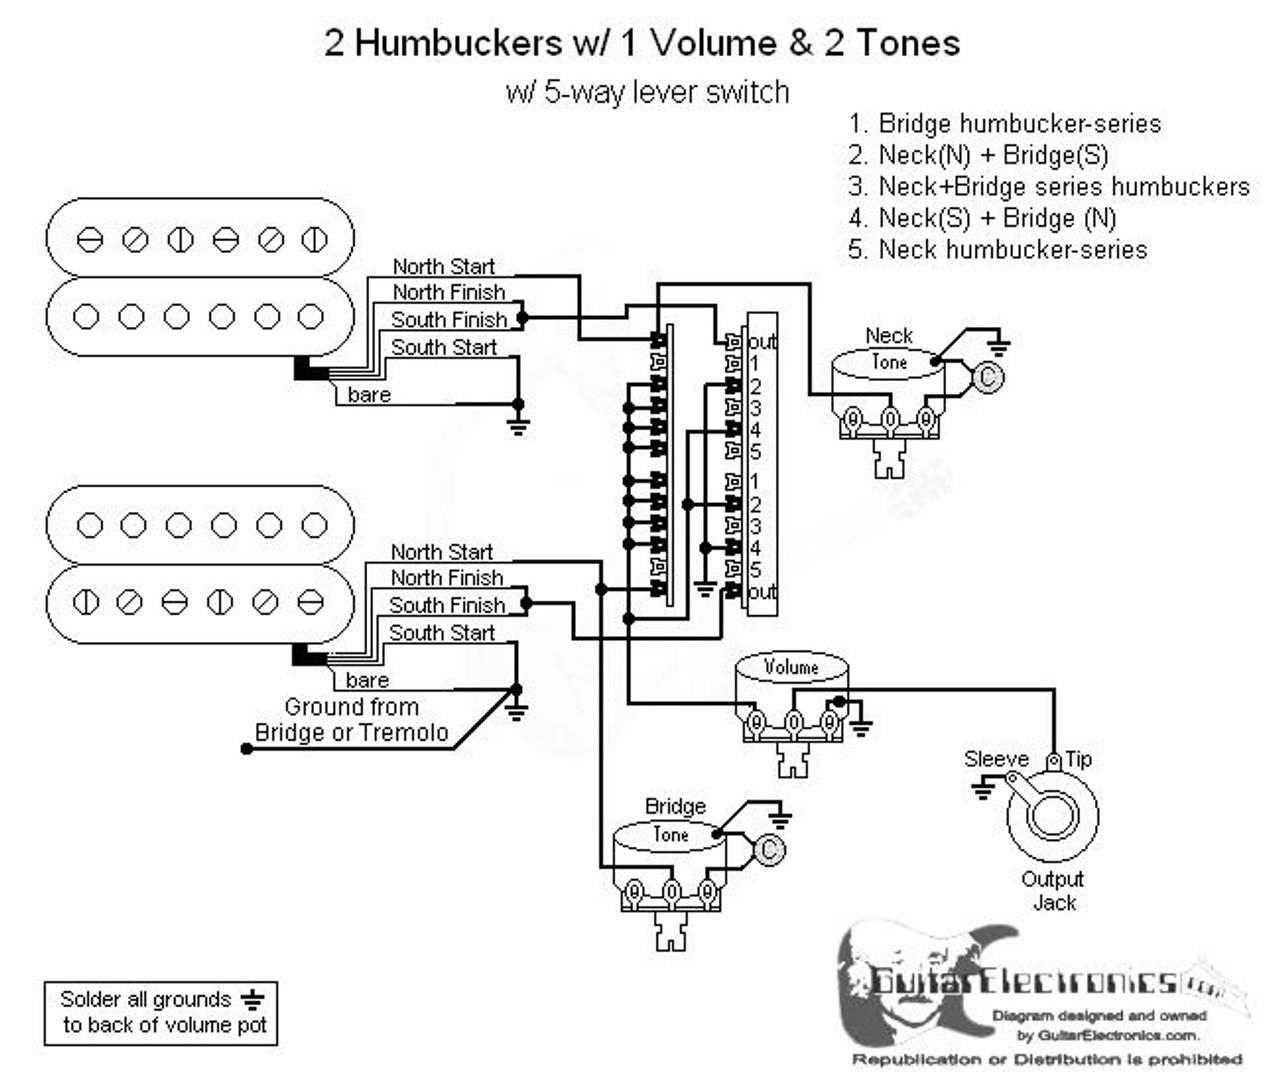 2 humbuckers 5 way lever switch 1 volume 2 tones 05fender strat wiring diagram 2 humbucker [ 1280 x 1083 Pixel ]